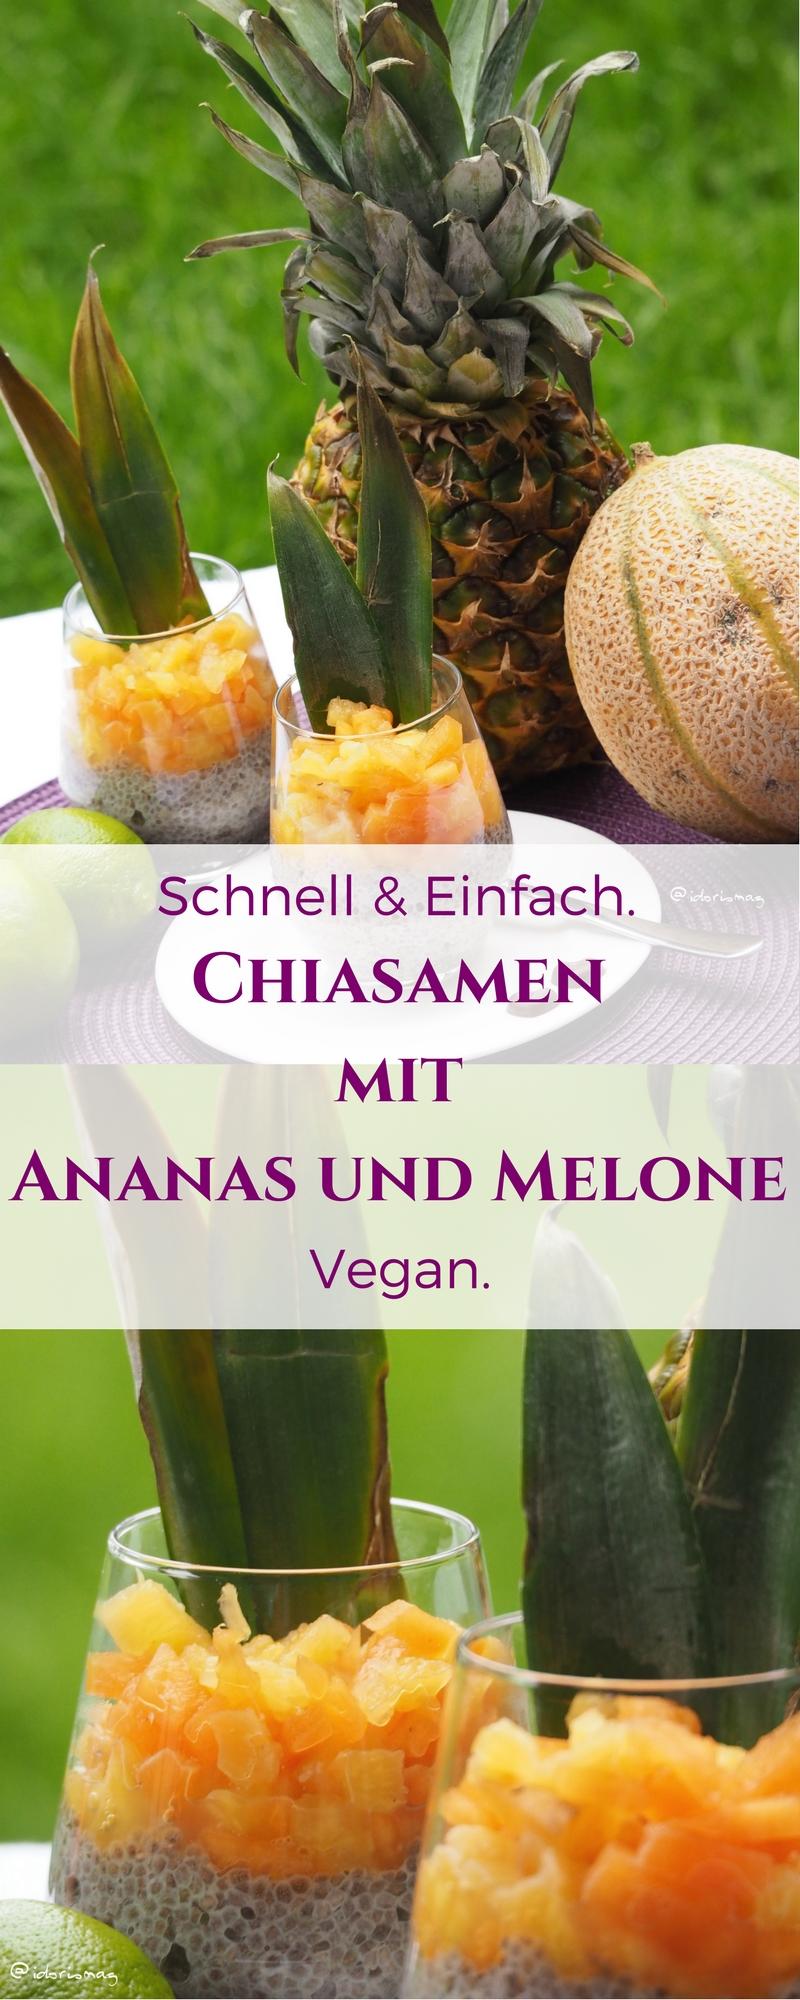 Chiasamen mit Melone und Ananas